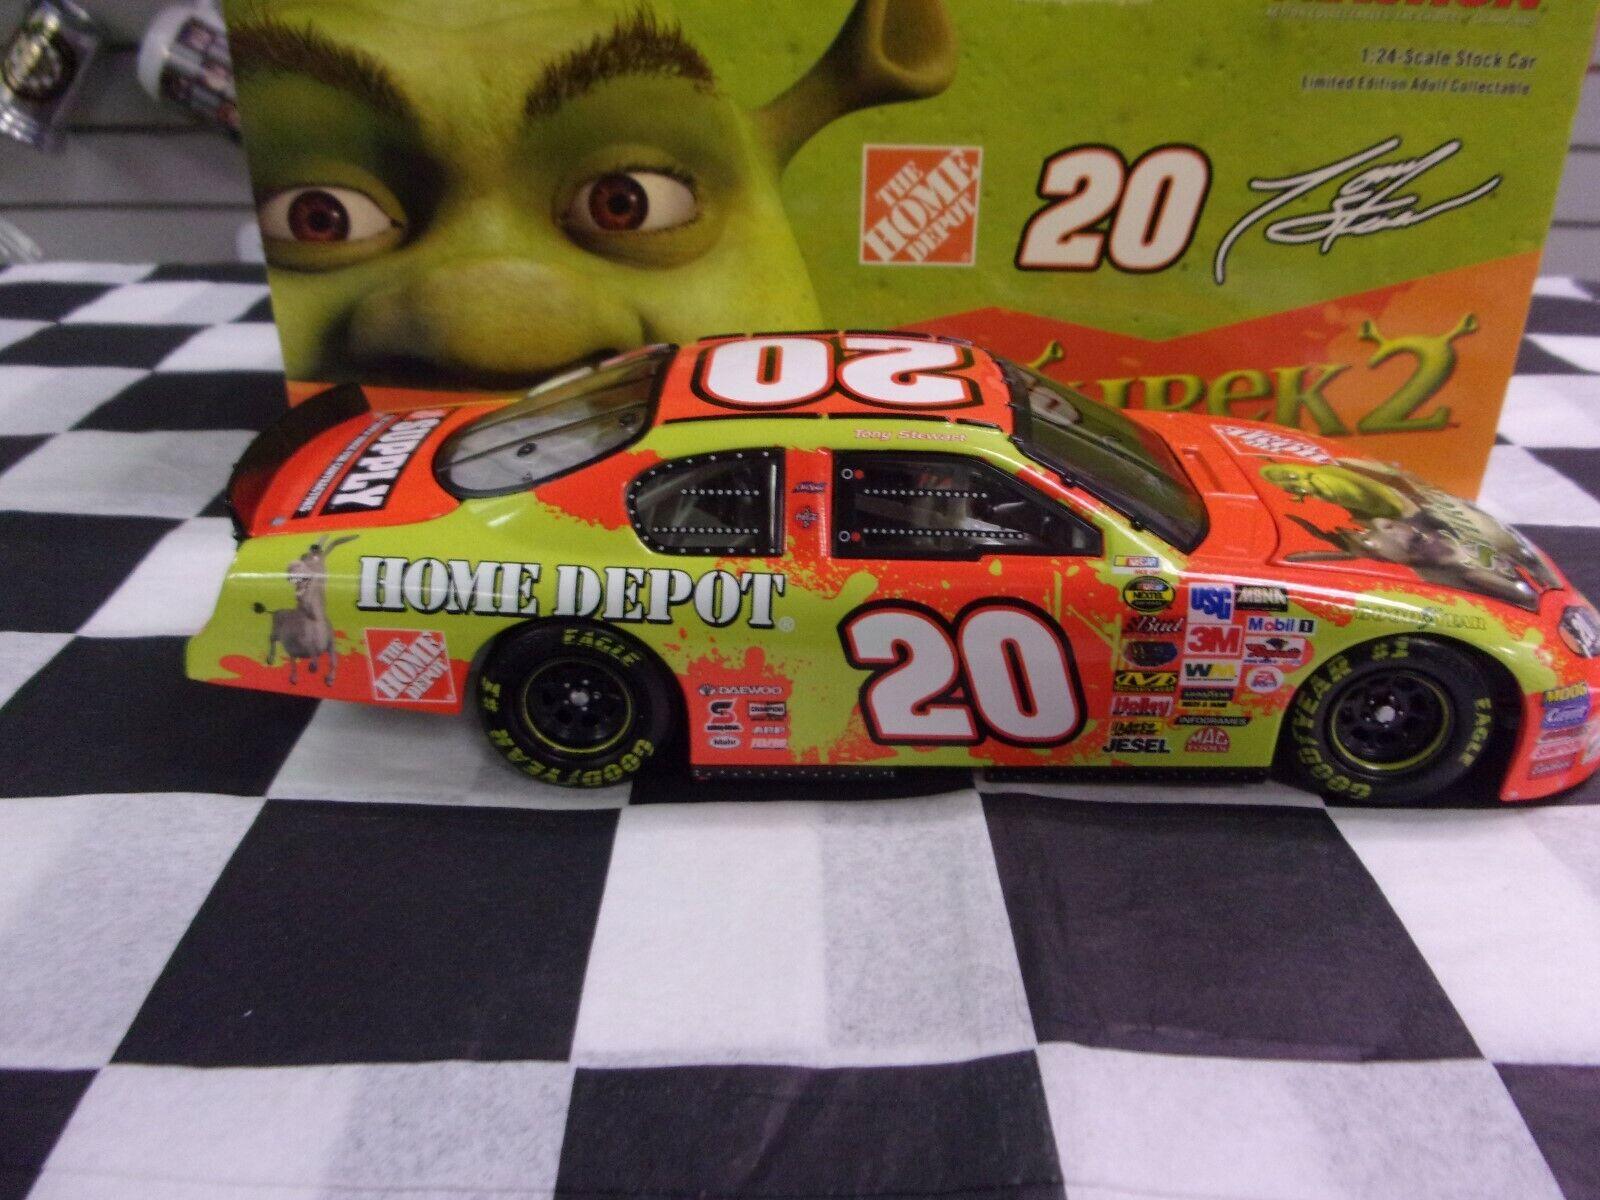 marca famosa Tony Stewart  20 Home Home Home Depot 2004 Shrek 2 MonteCochelo 1 24 acción 105891  producto de calidad